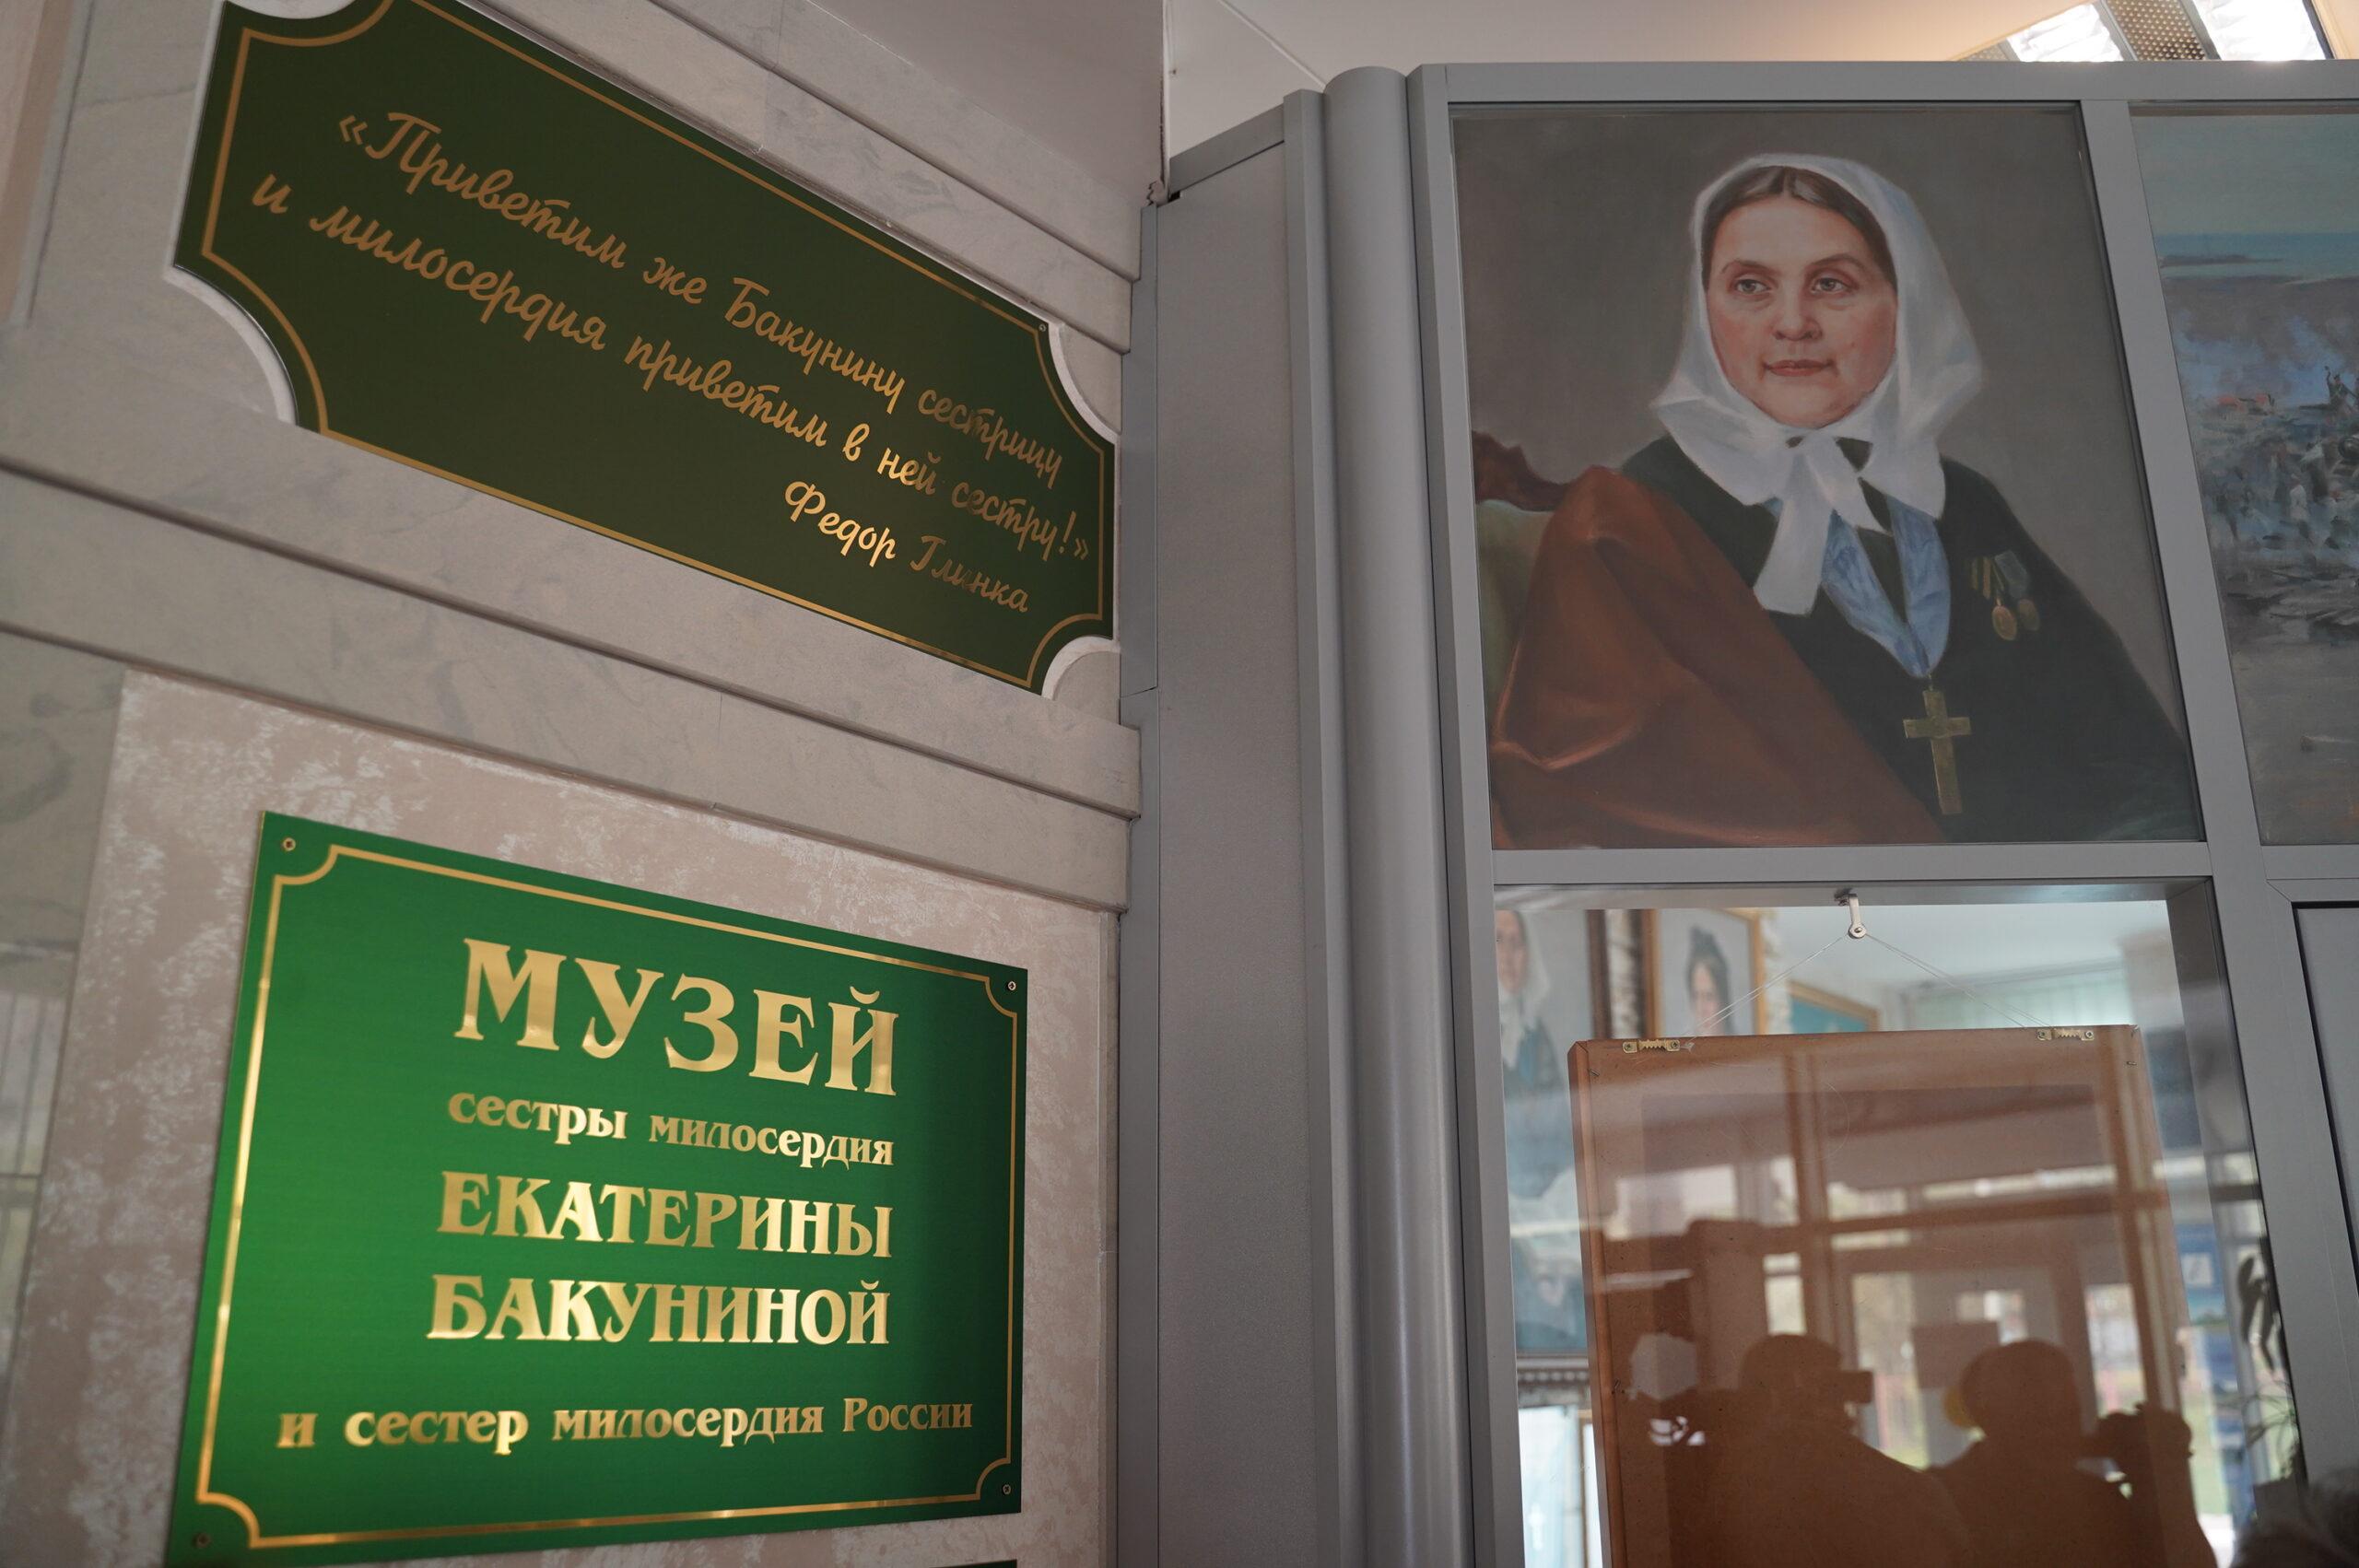 В Твери расширили экспозицию Музея сестры милосердия Екатерины Бакуниной